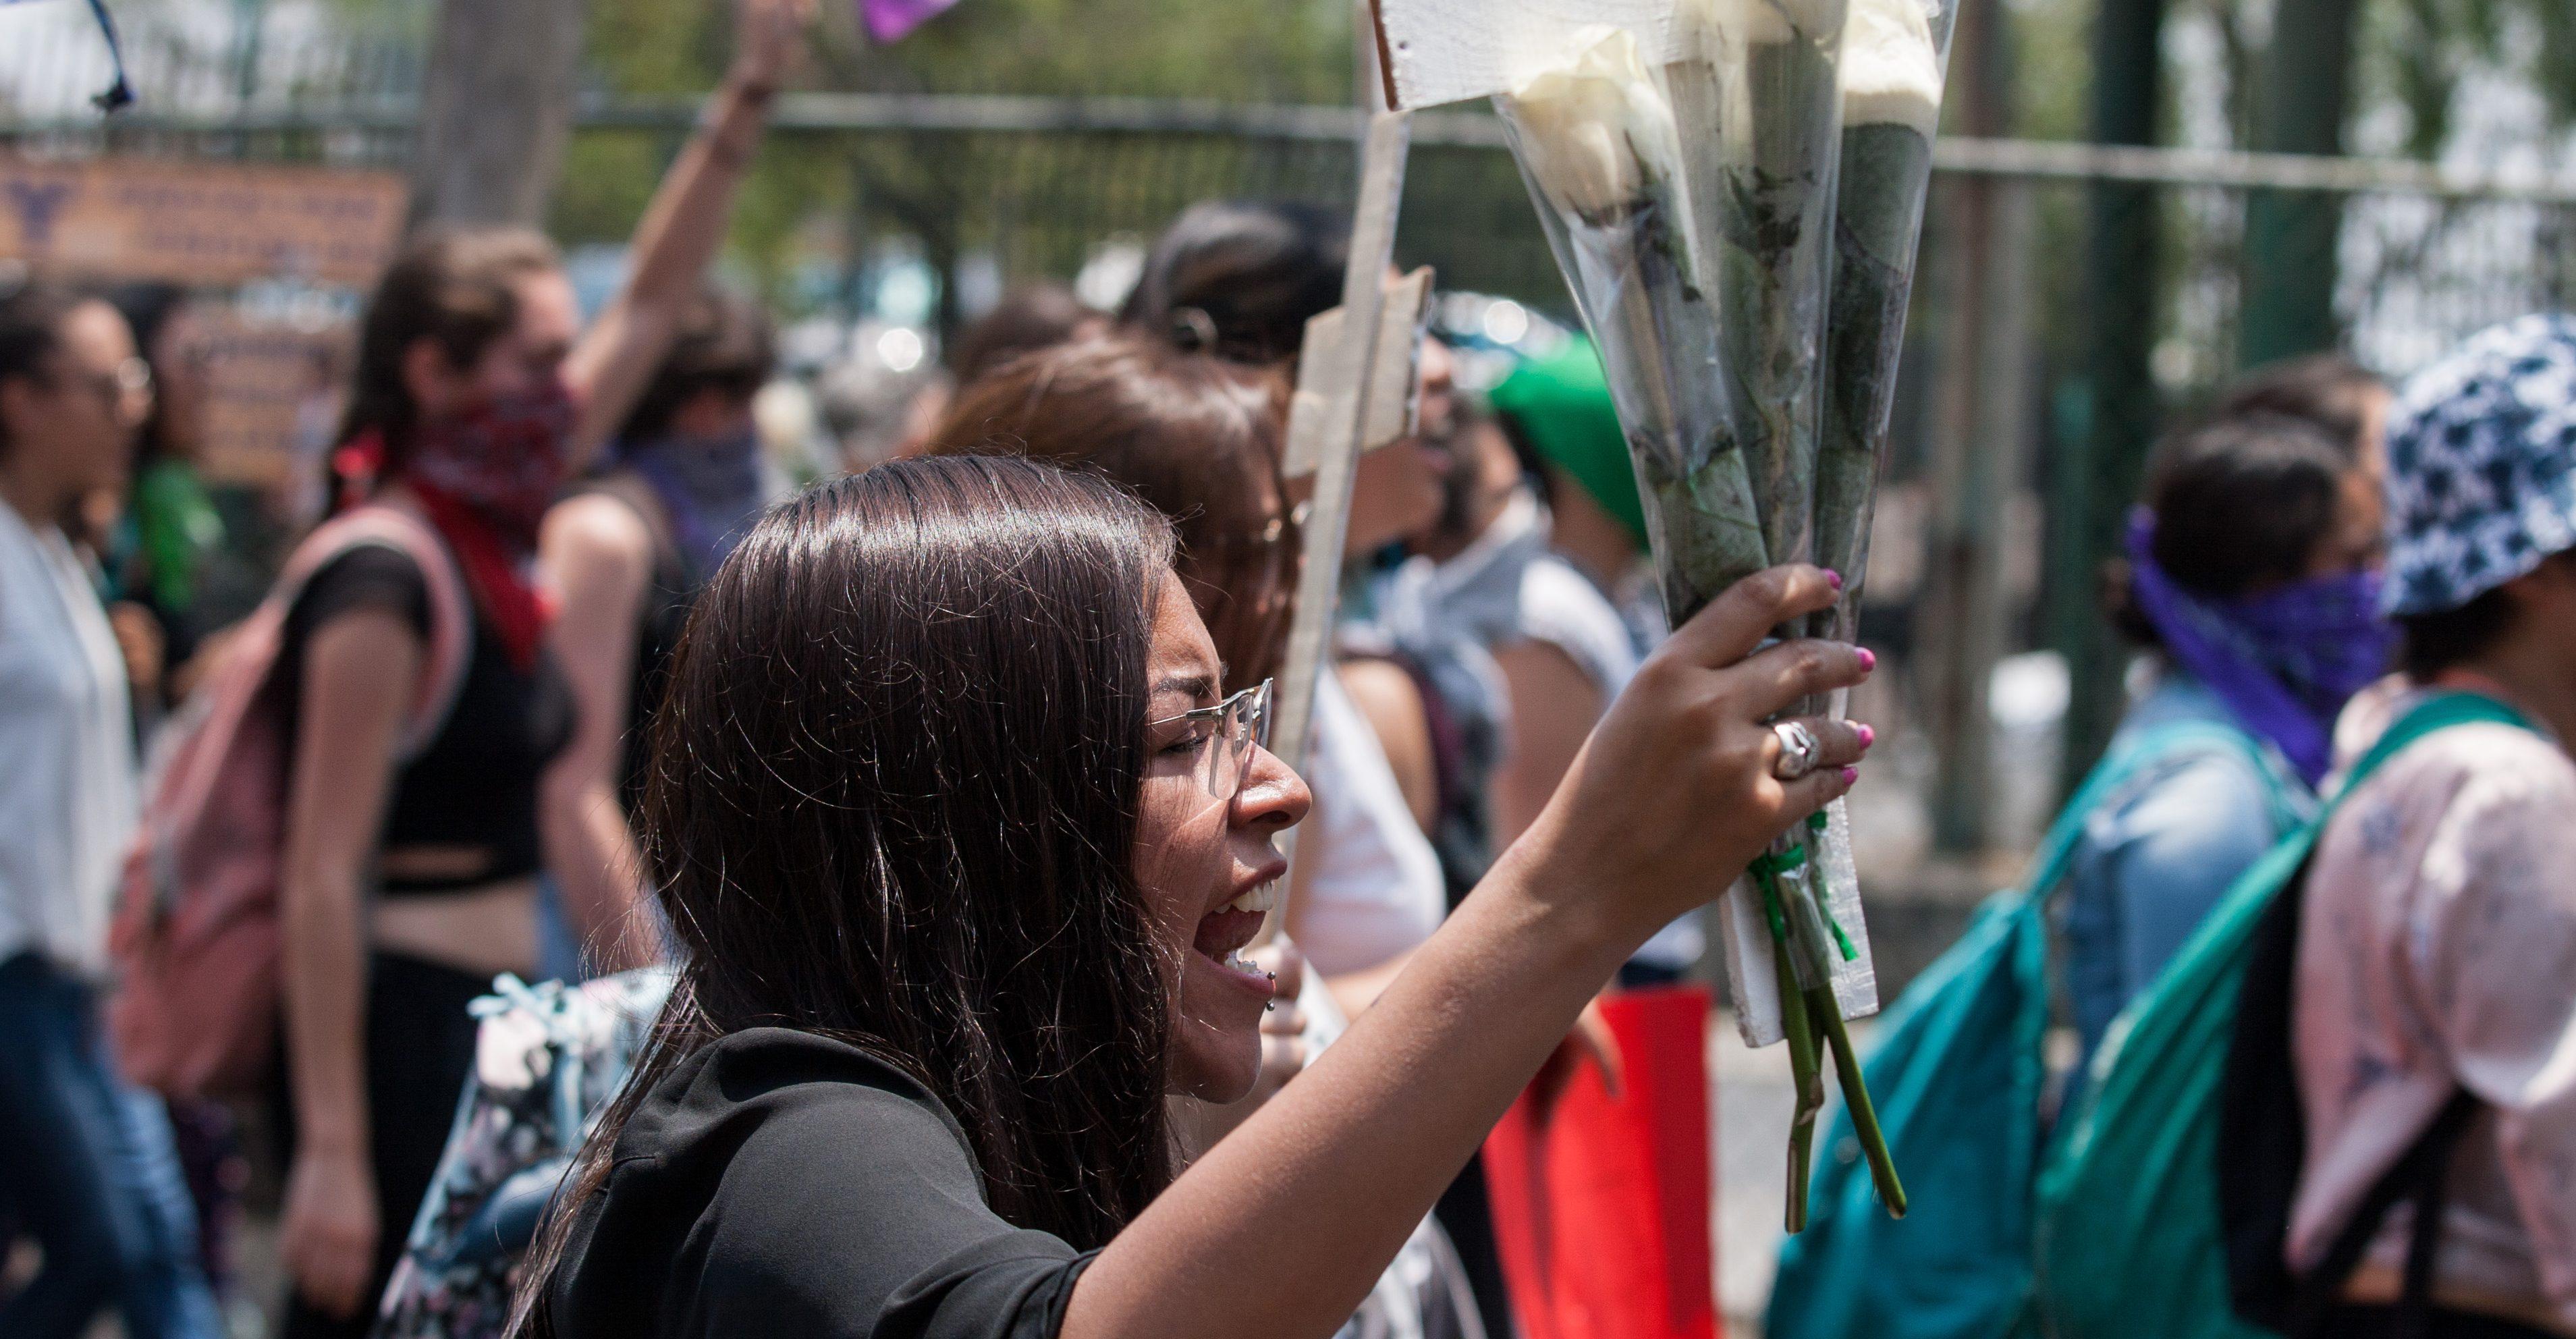 Organizaciones exigen a autoridades locales y federales que decreten la Alerta de Género en CDMX